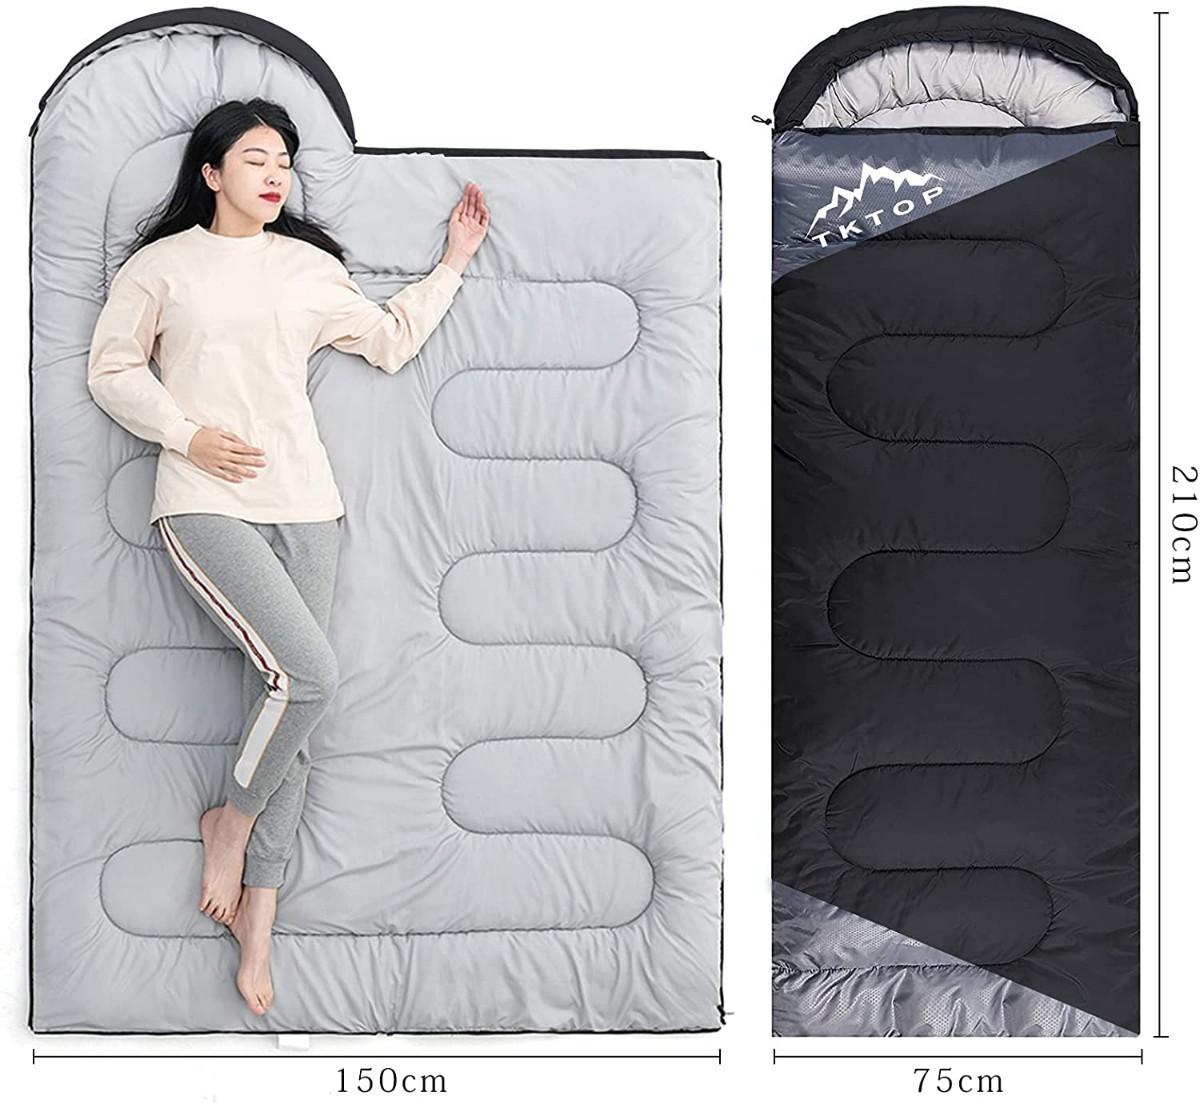 寝袋 封筒型 軽量 保温 210T防水シュラフ 収納パック付き 1kg ブラック